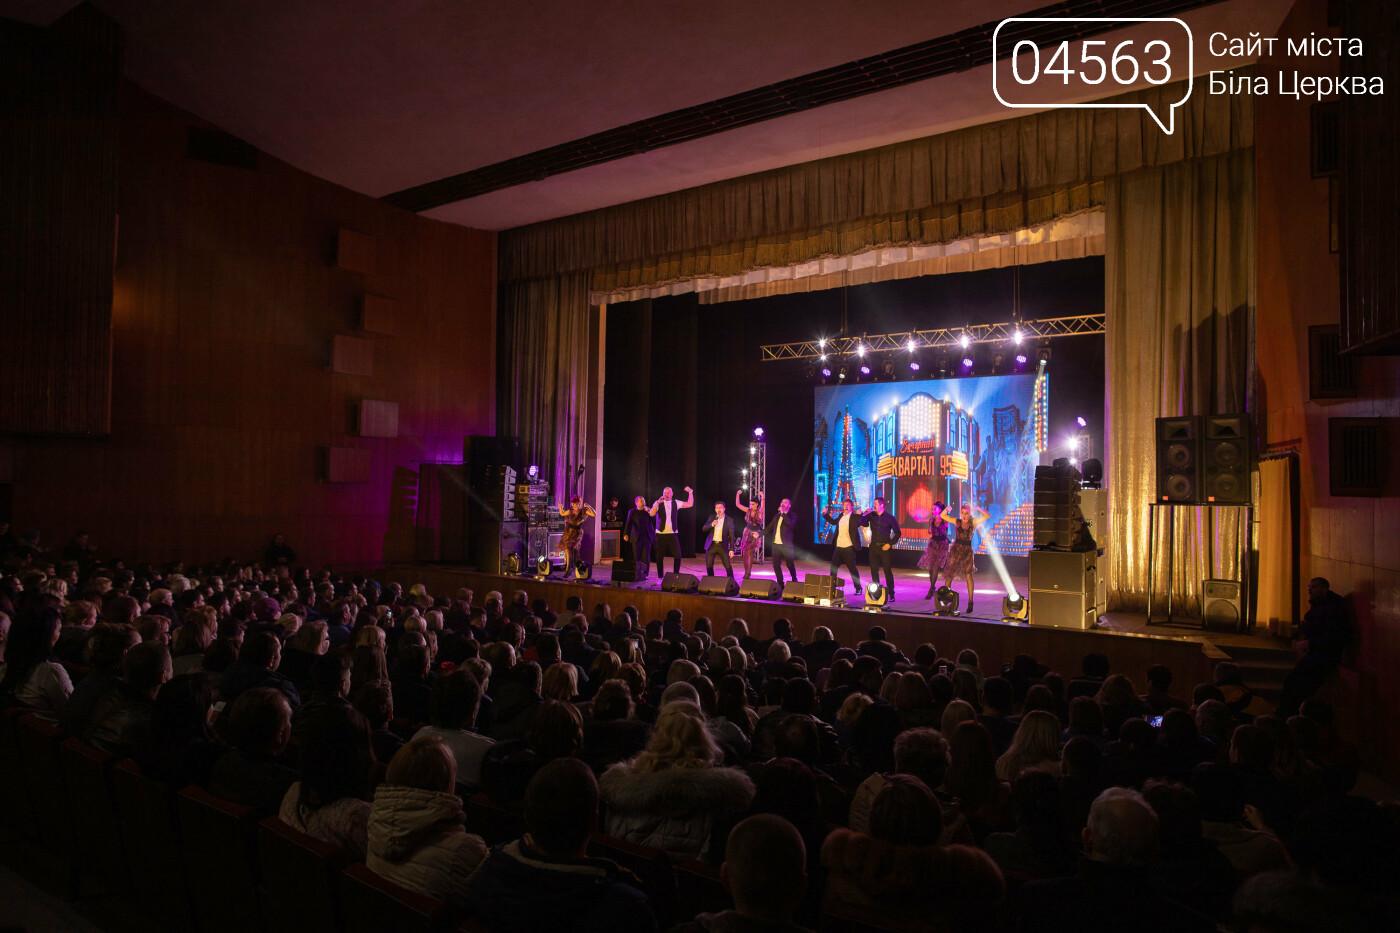 """""""Агітації не буде"""": Як пройшов концерт """"Кварталу 95"""" у Білій Церкві, фото-9"""